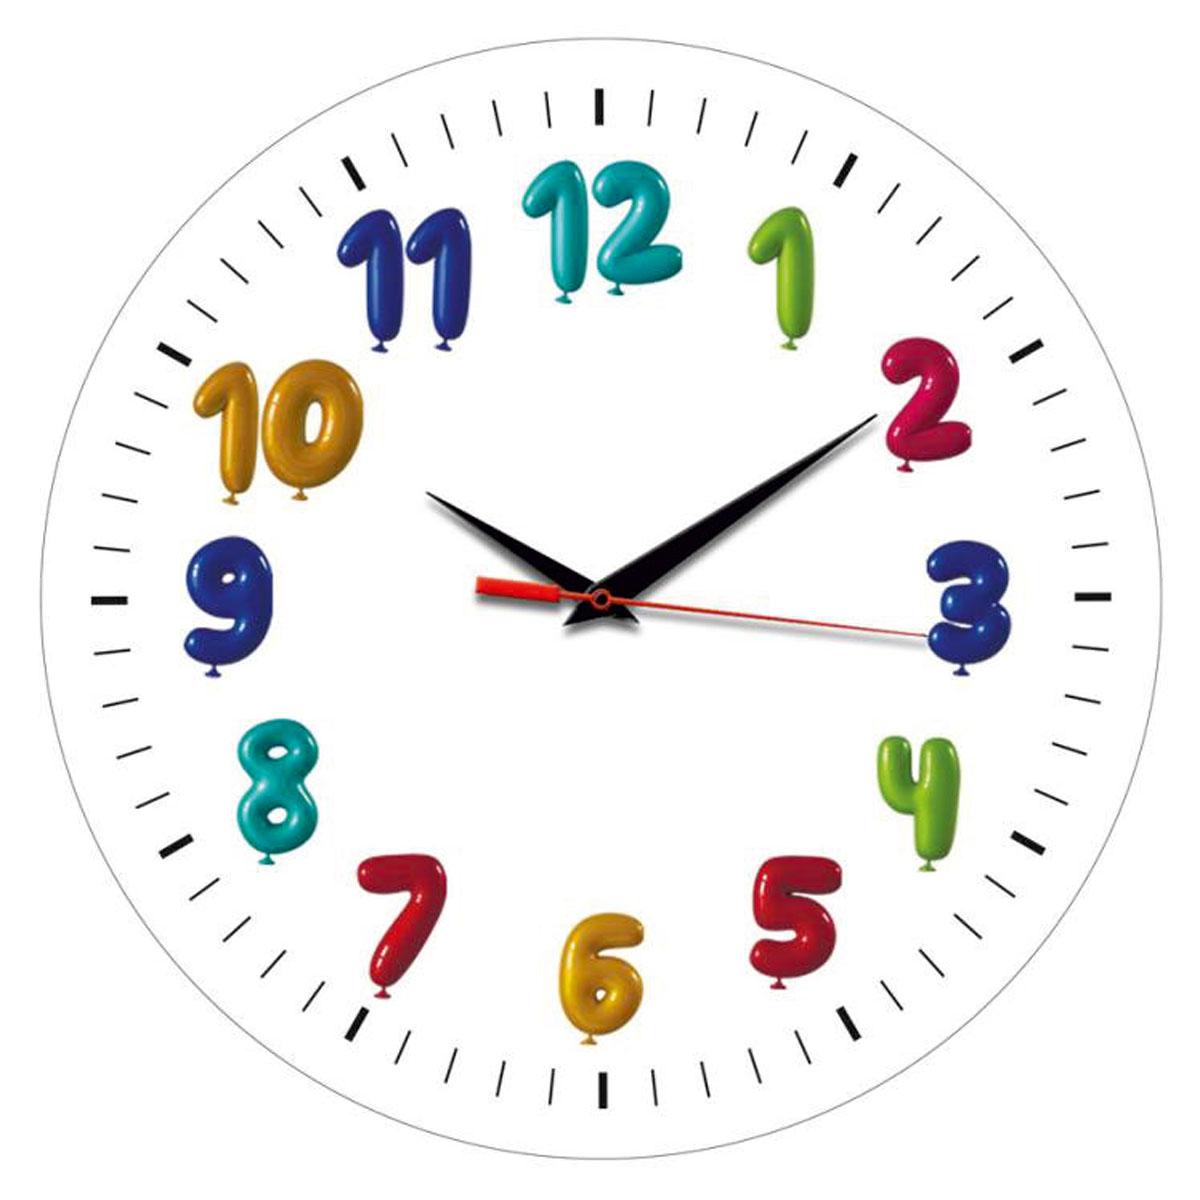 Часы настенные Miolla ДетиСК011 2443Оригинальные настенные часы круглой формы Miolla Дети выполнены из закаленного стекла. Часы имеют три стрелки - часовую, минутную и секундную. Необычное дизайнерское решение и качество исполнения придутся по вкусу каждому. Оформите свой дом таким интерьерным аксессуаром или преподнесите его в качестве презента друзьям, и они оценят ваш оригинальный вкус и неординарность подарка.Часы работают от 1 батарейки типа АА напряжением 1,5 В. Диаметр часов: 28 см.